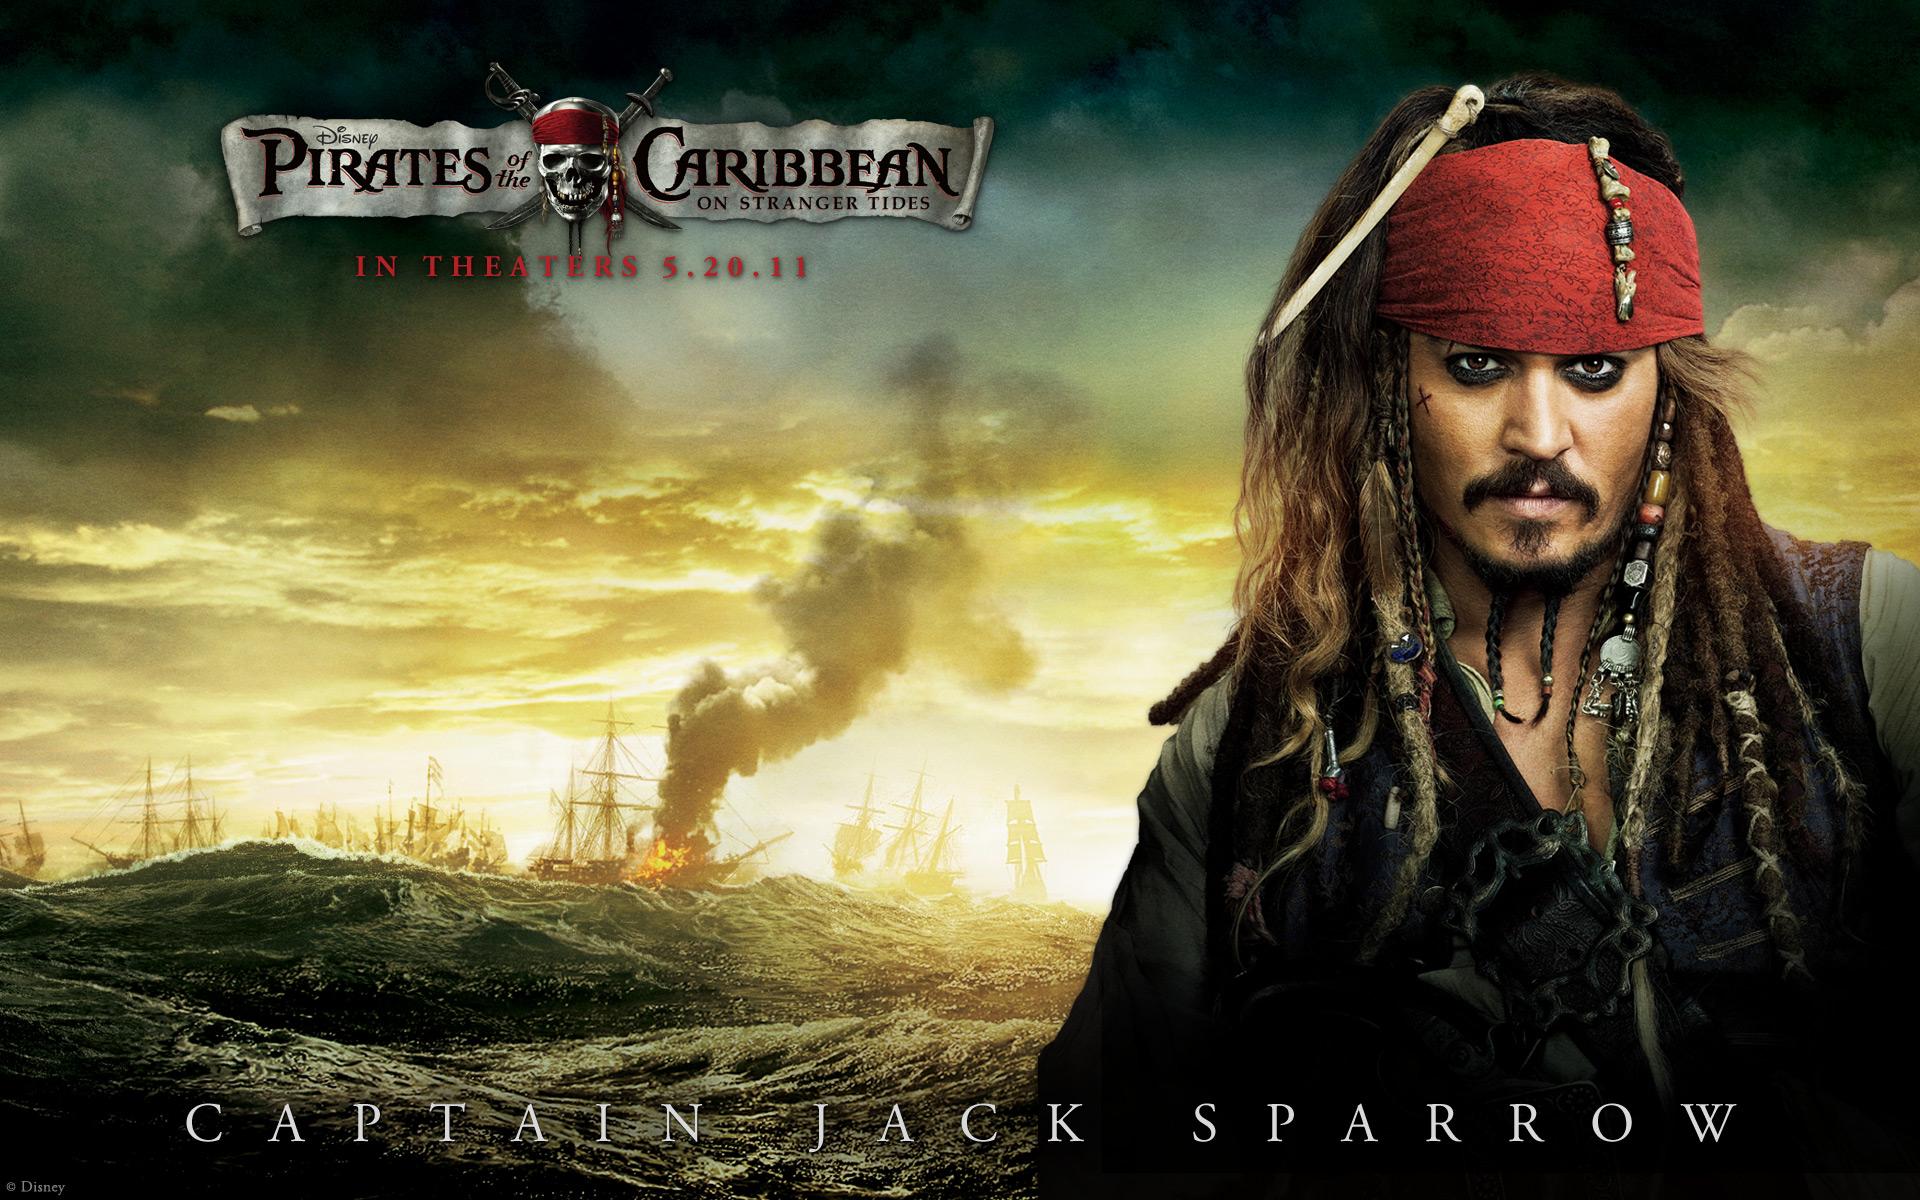 Captain Jack Sparrow On Stranger Tides Desktop Wallpaper